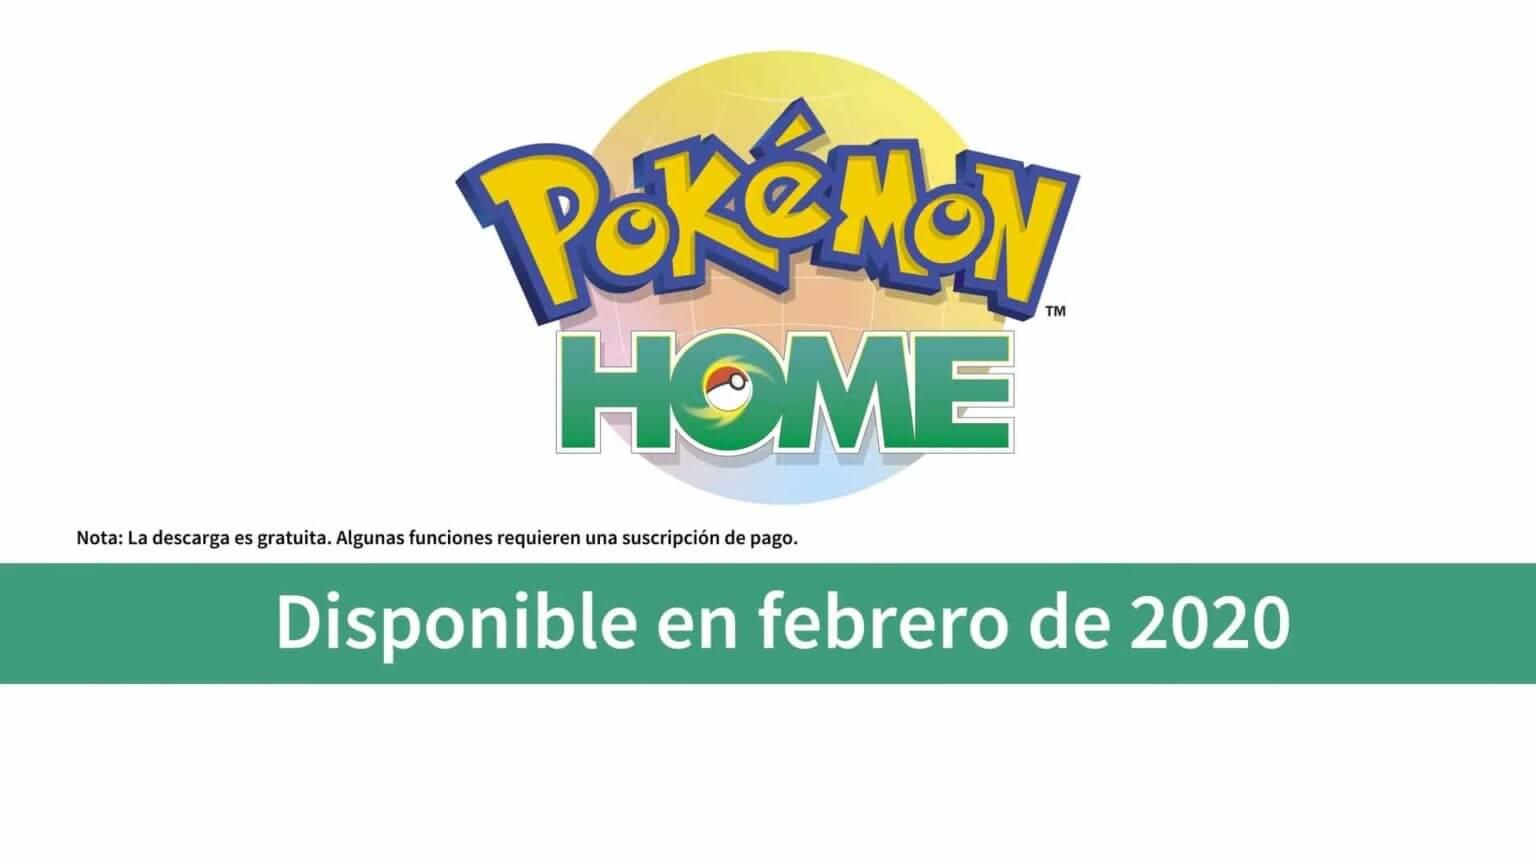 Pokémon Home llegará en el mes de Febrero de 2020